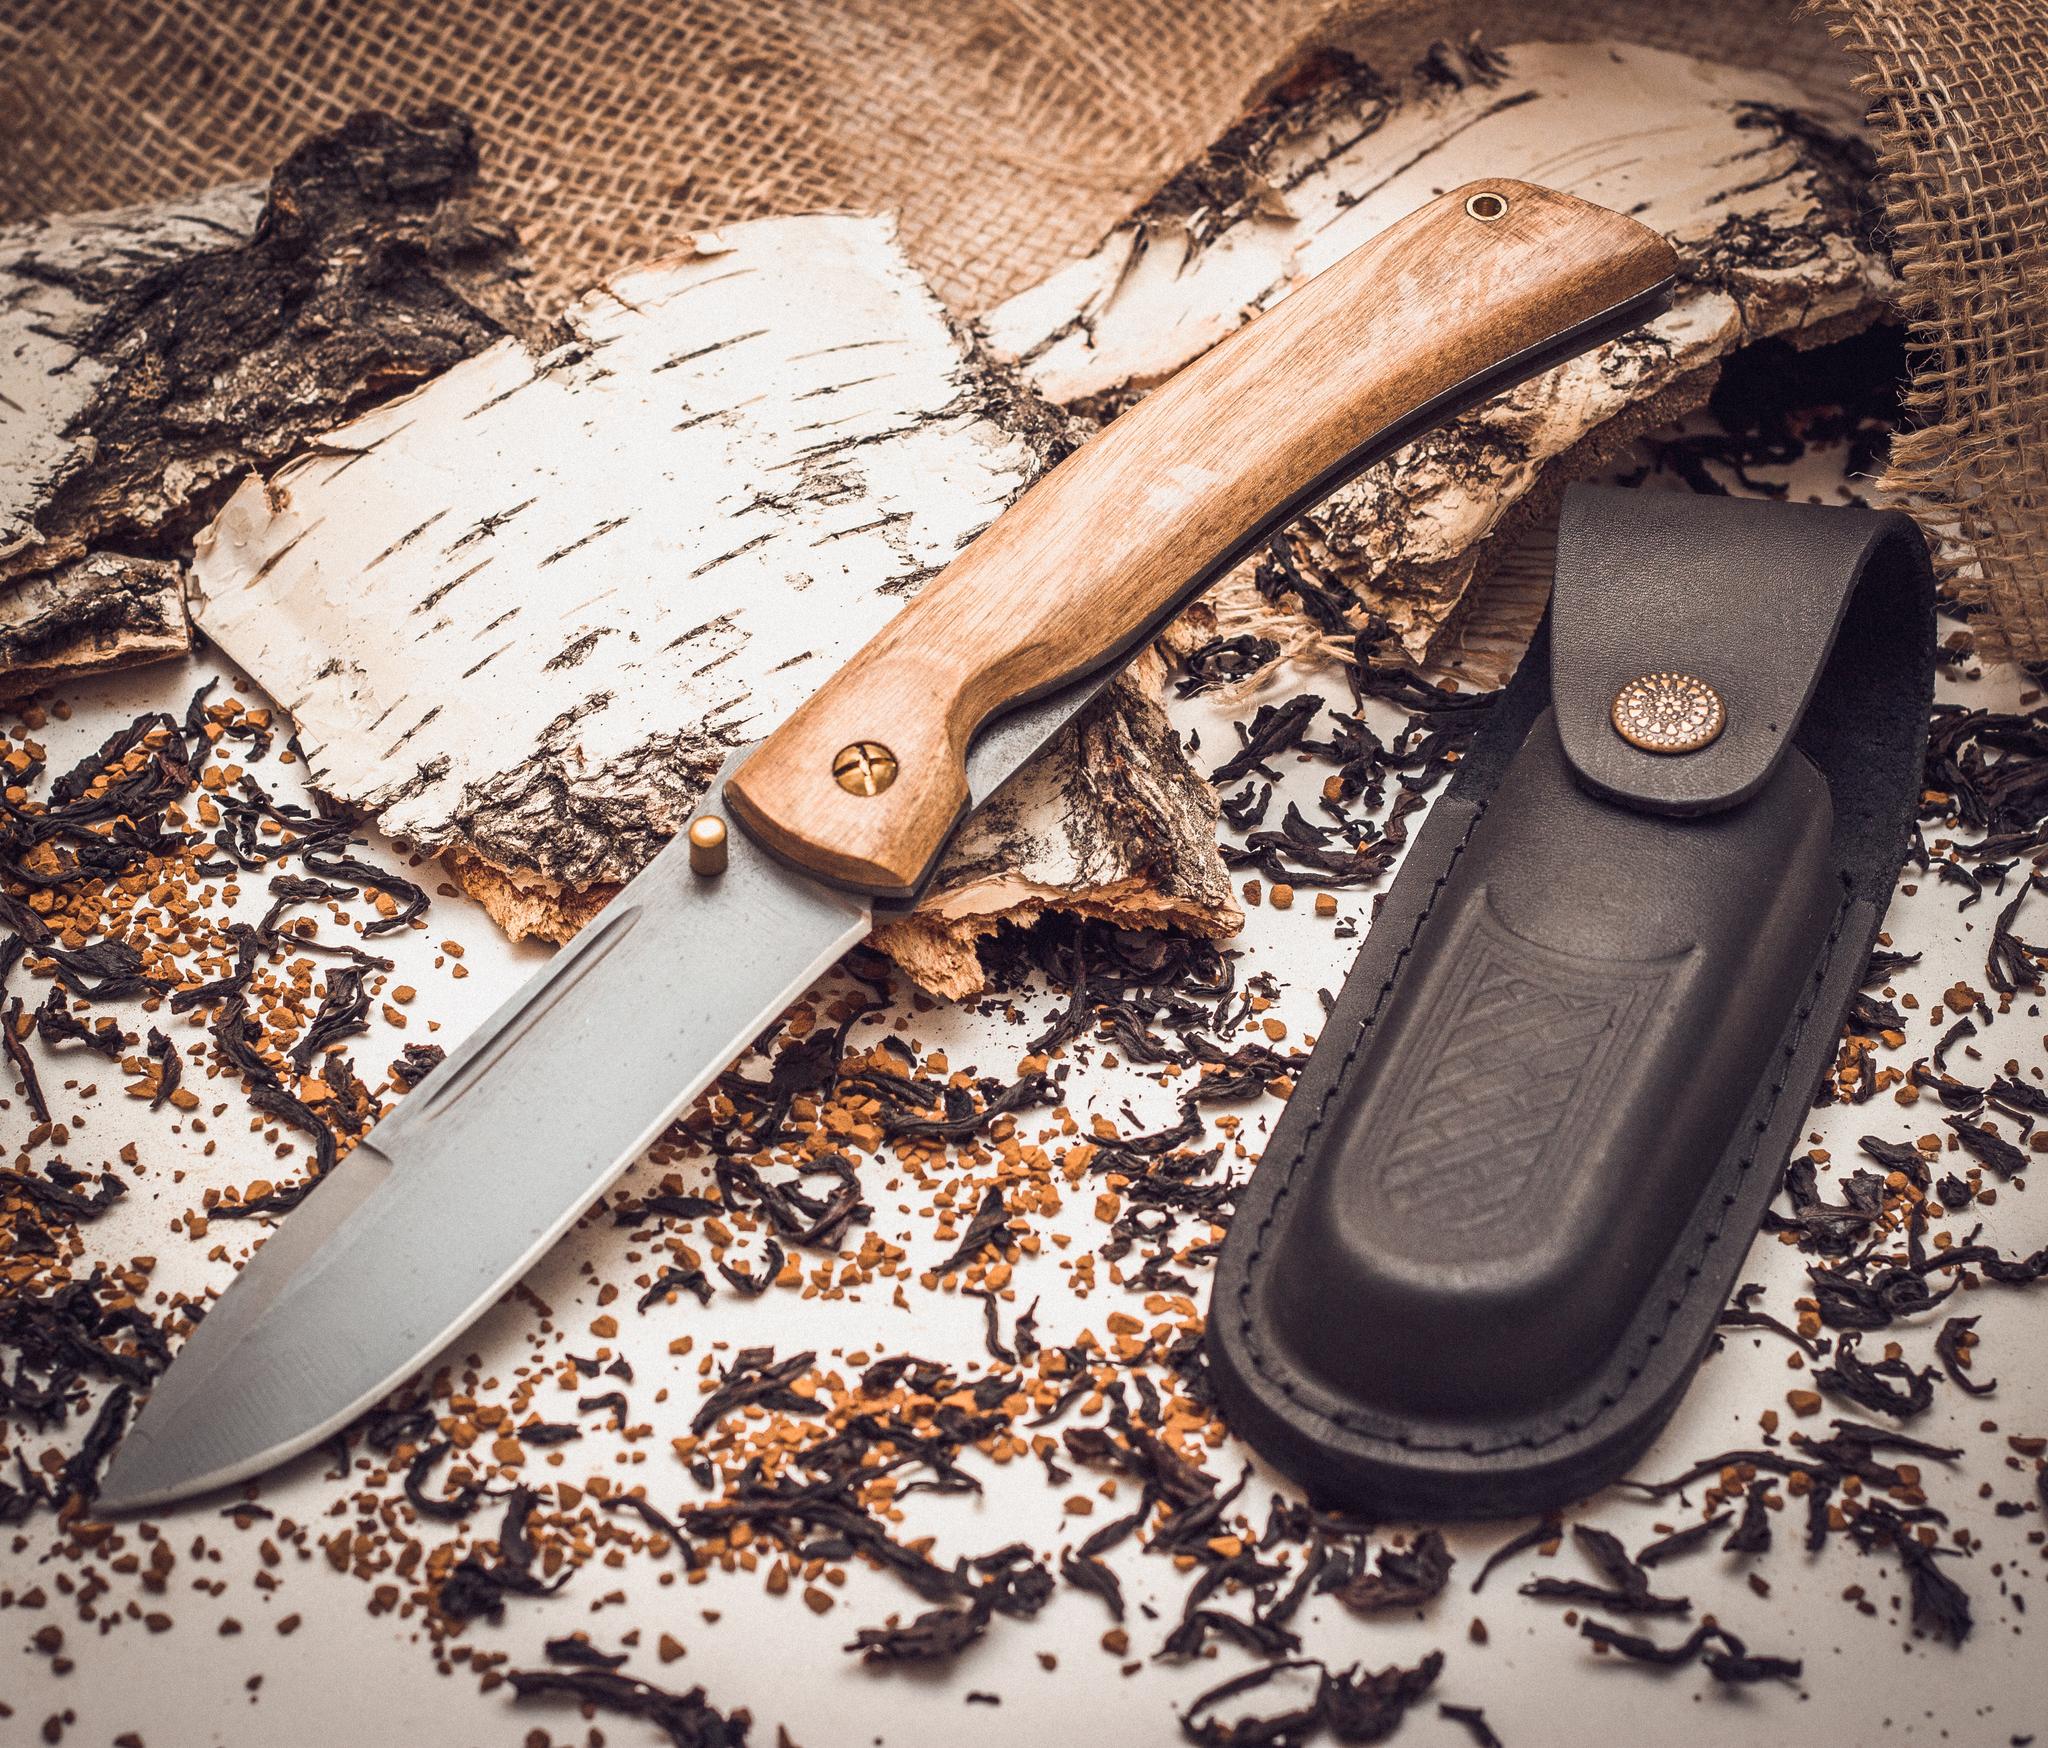 Фото 3 - Складной нож Бродяга, сталь 95х18, орех от Марычев